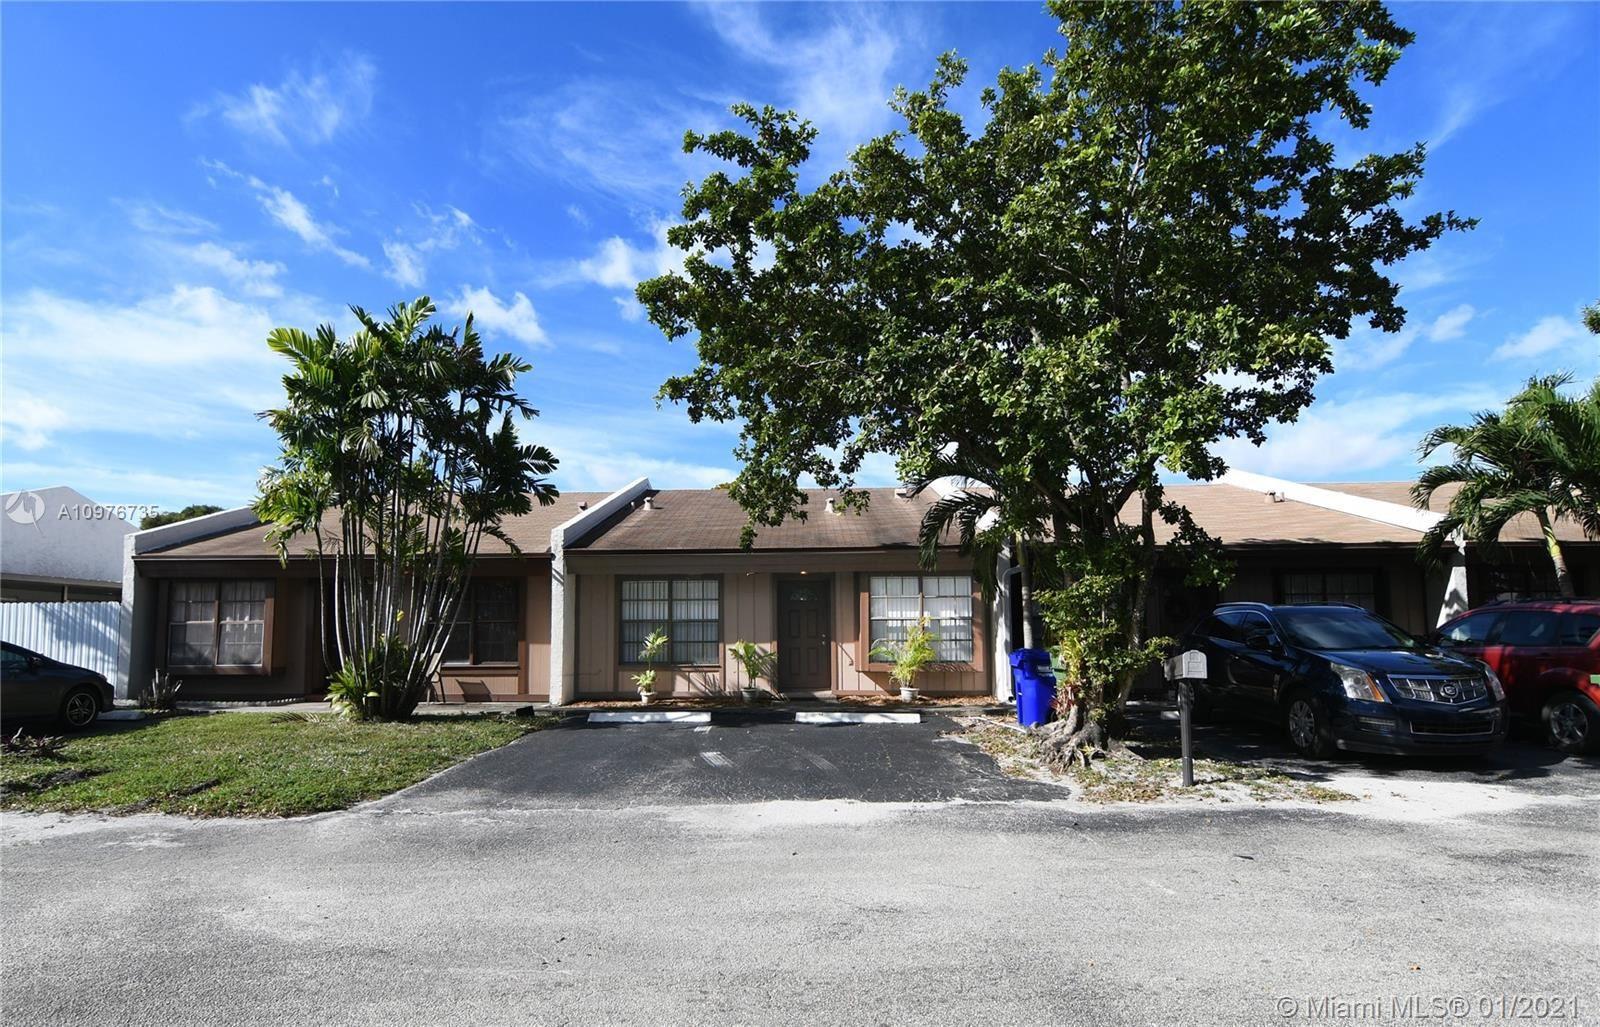 2022 NW 89 Ave, Pembroke Pines, FL 33024 - #: A10976735